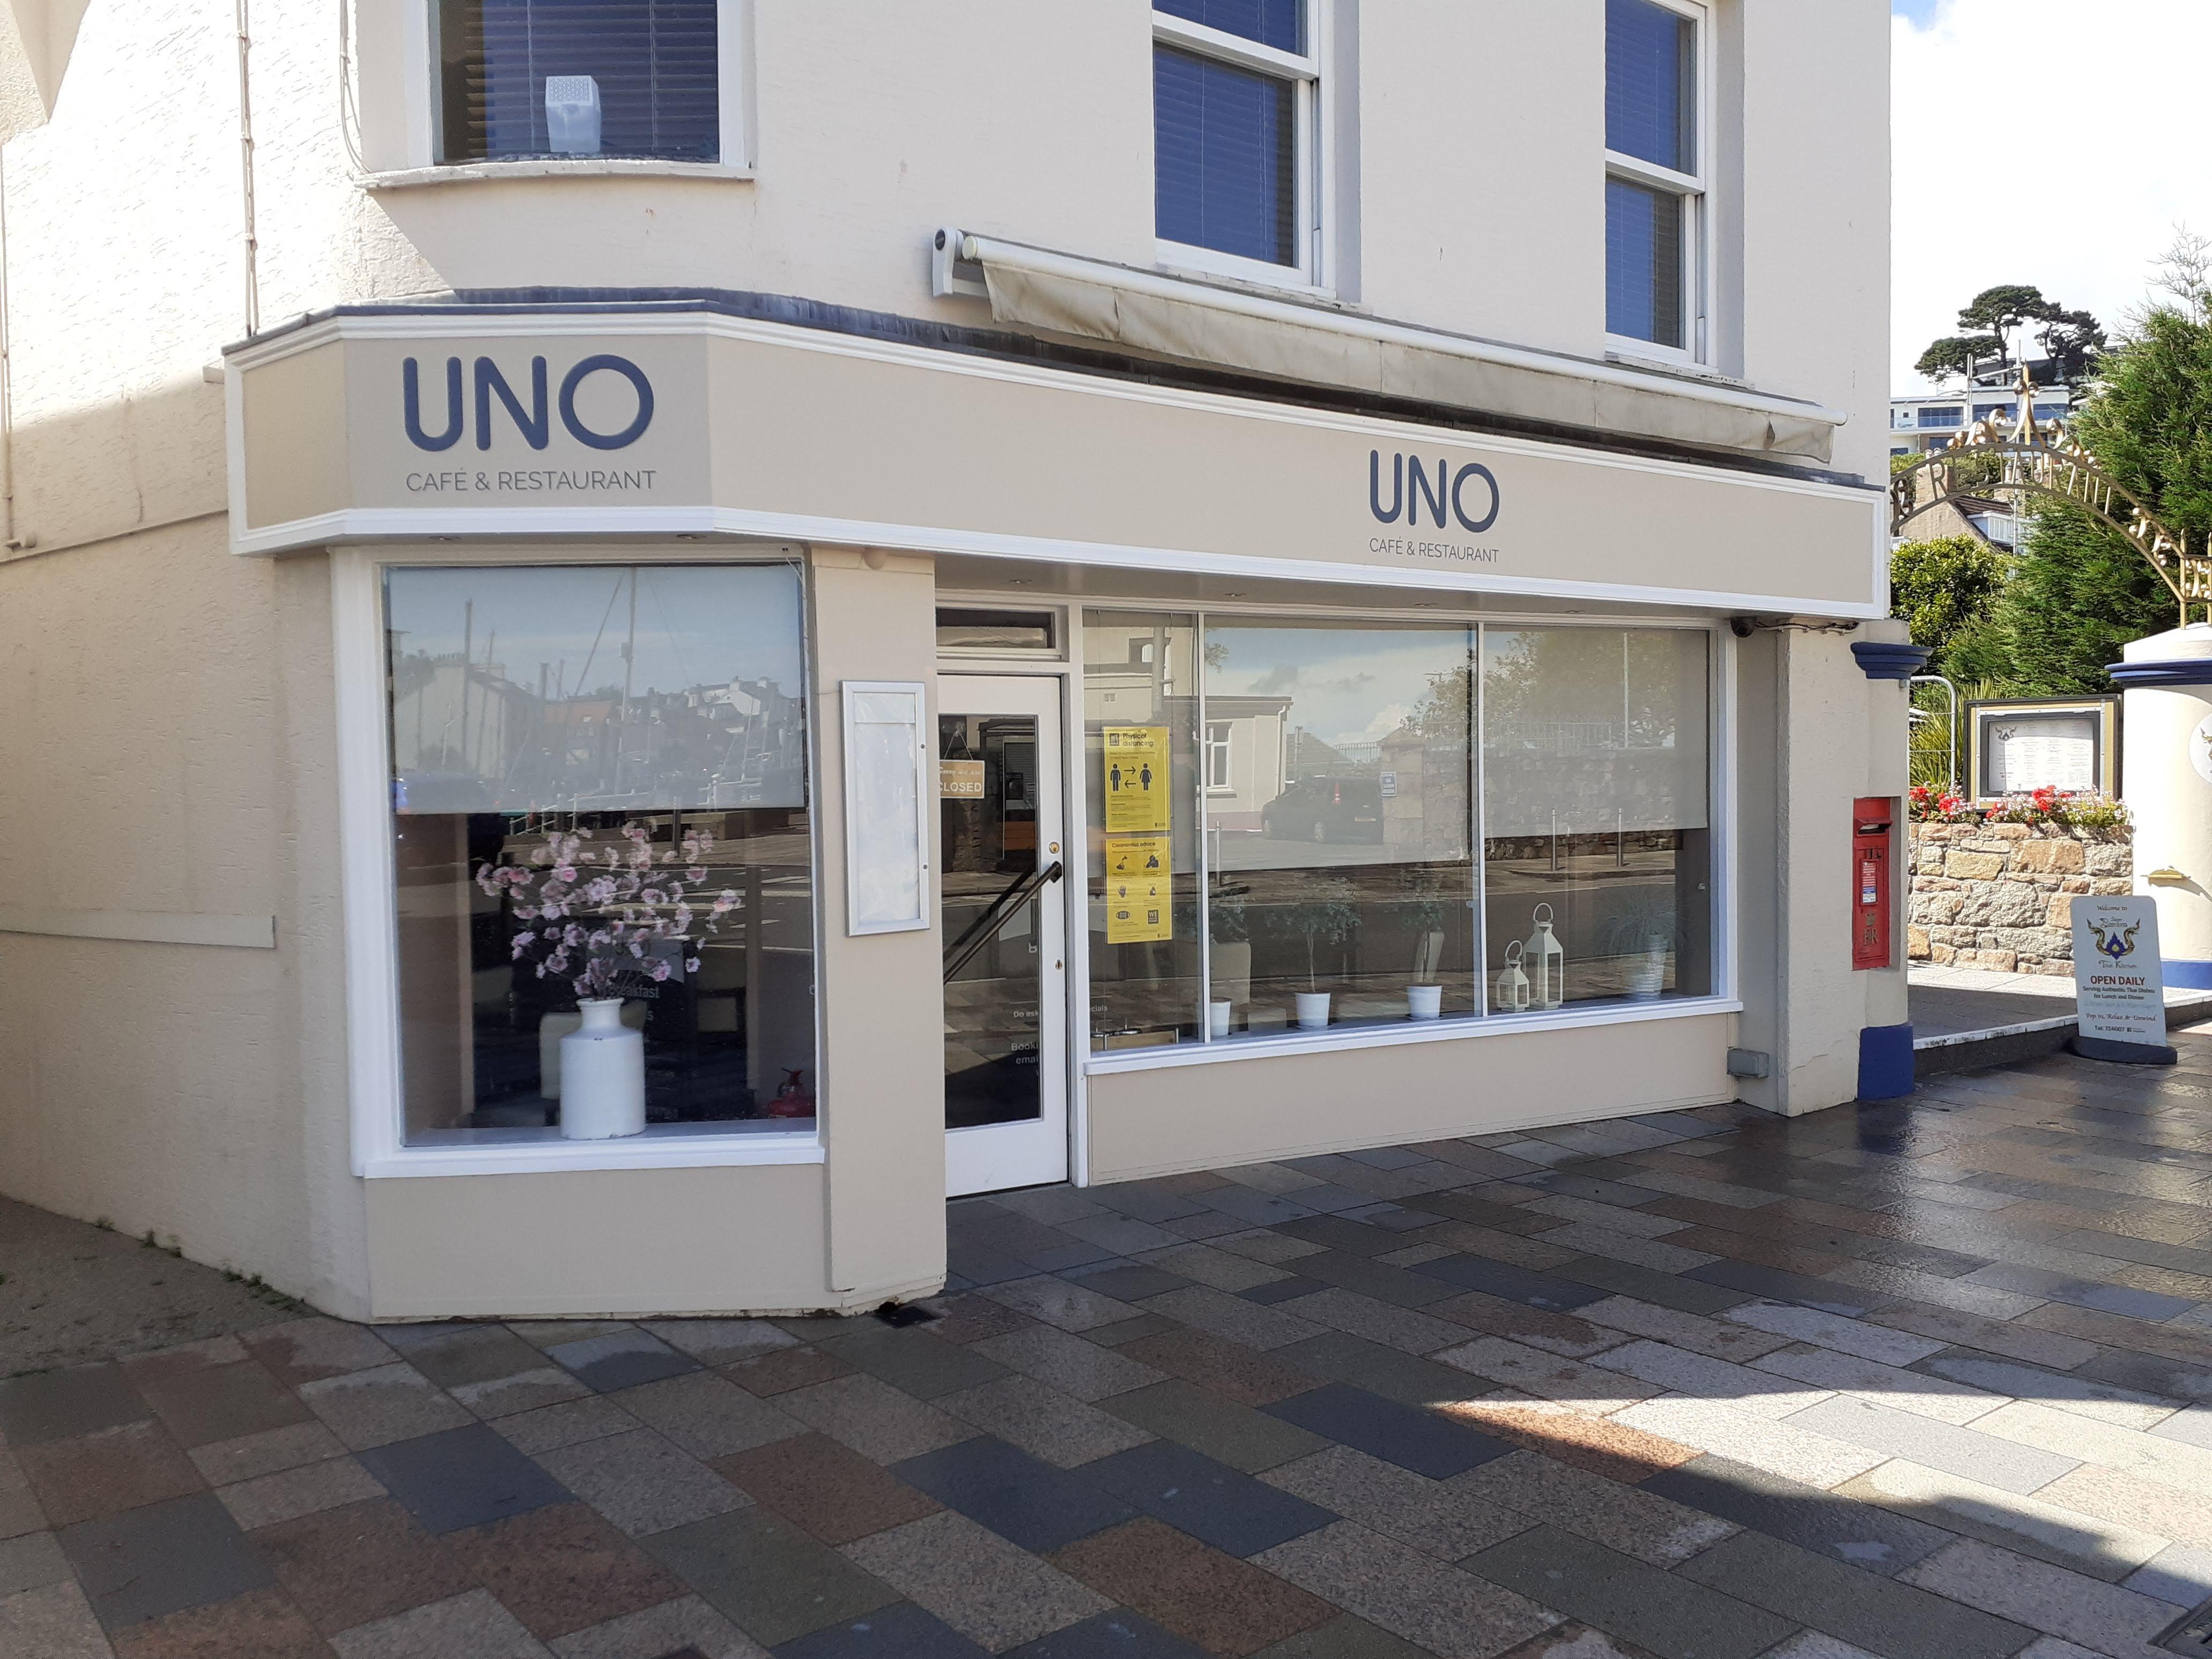 Uno Cafe & Restaurant